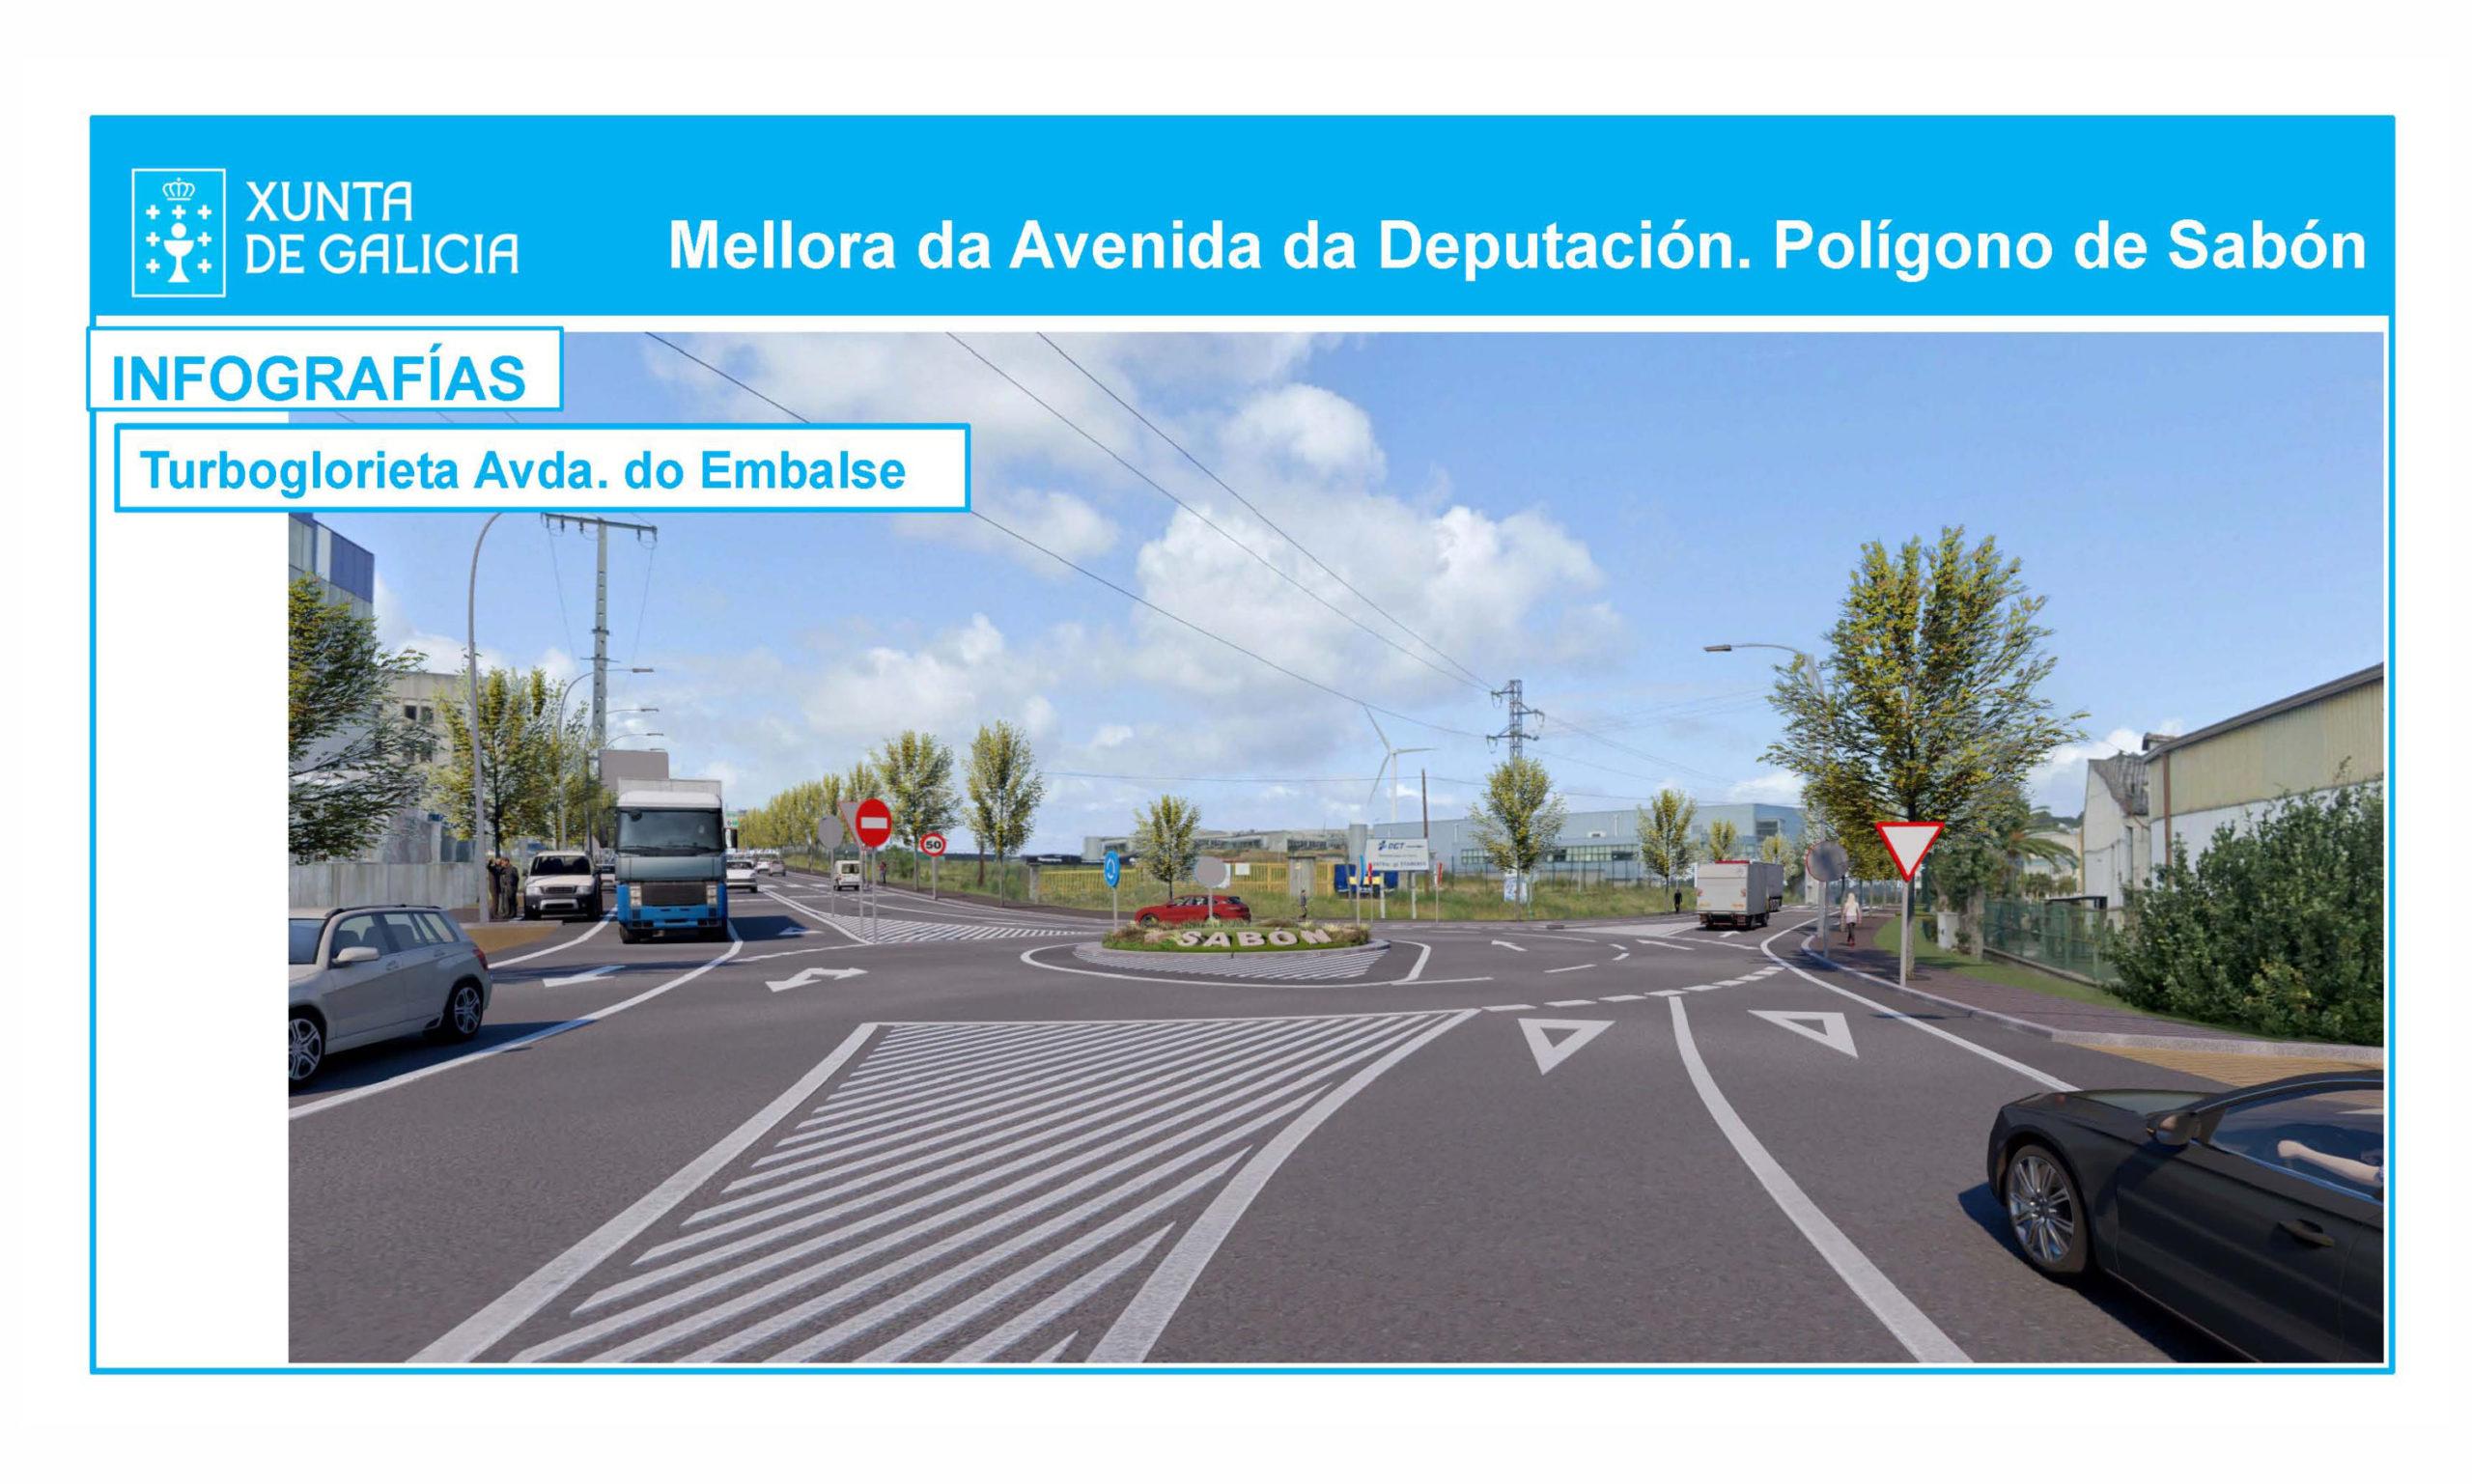 La Xunta licita las obras de ampliación de la Avda. Diputación para mejorar el principal acceso al Polígono de Sabón